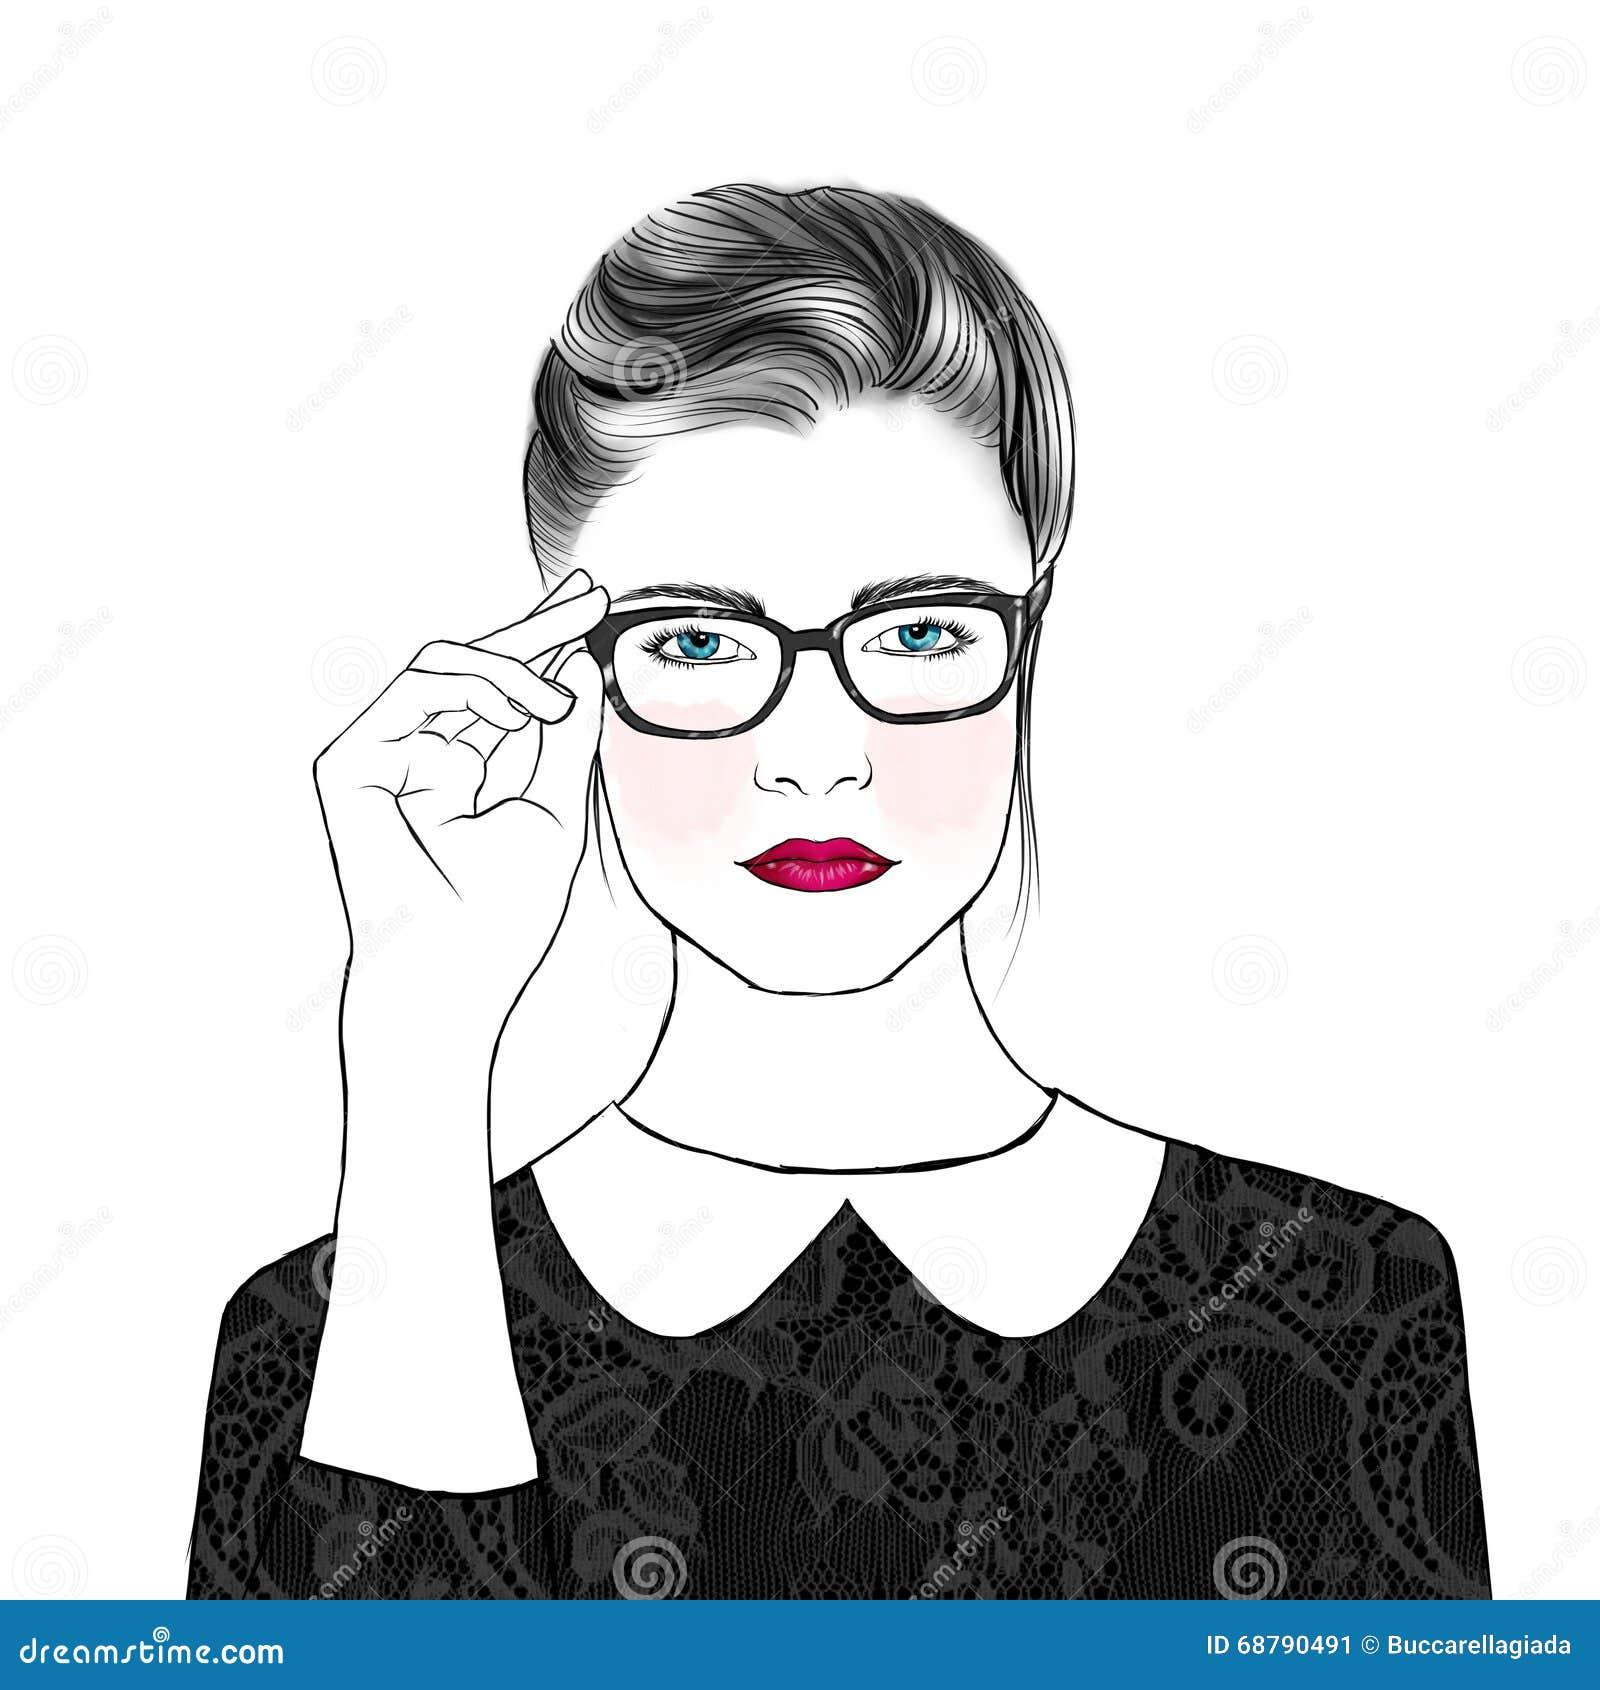 hand drawn outline portrait elegant girl wearing glasses